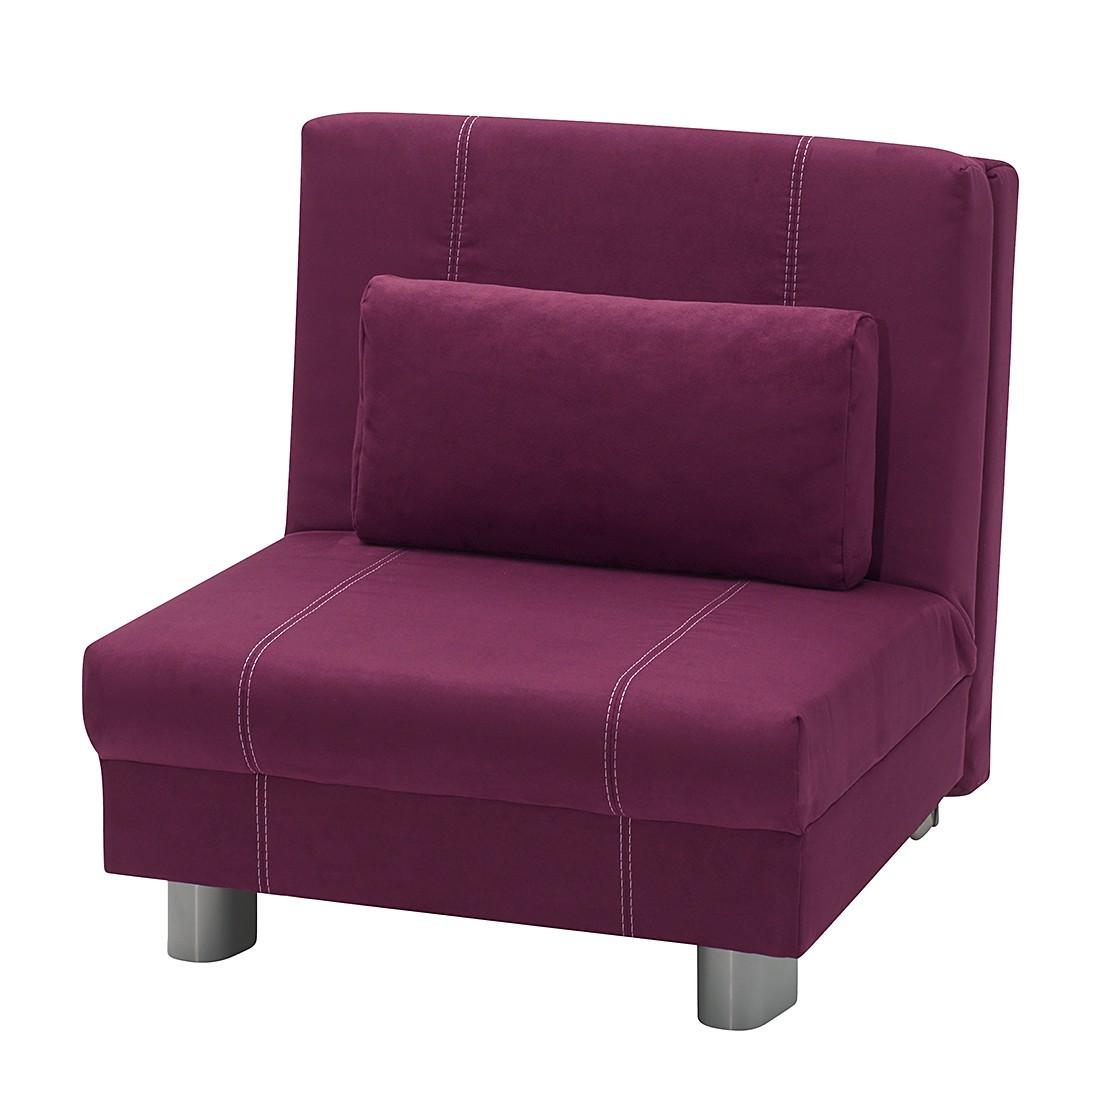 schlafsofa mona microfaser lila liegefl che 140 x 195. Black Bedroom Furniture Sets. Home Design Ideas